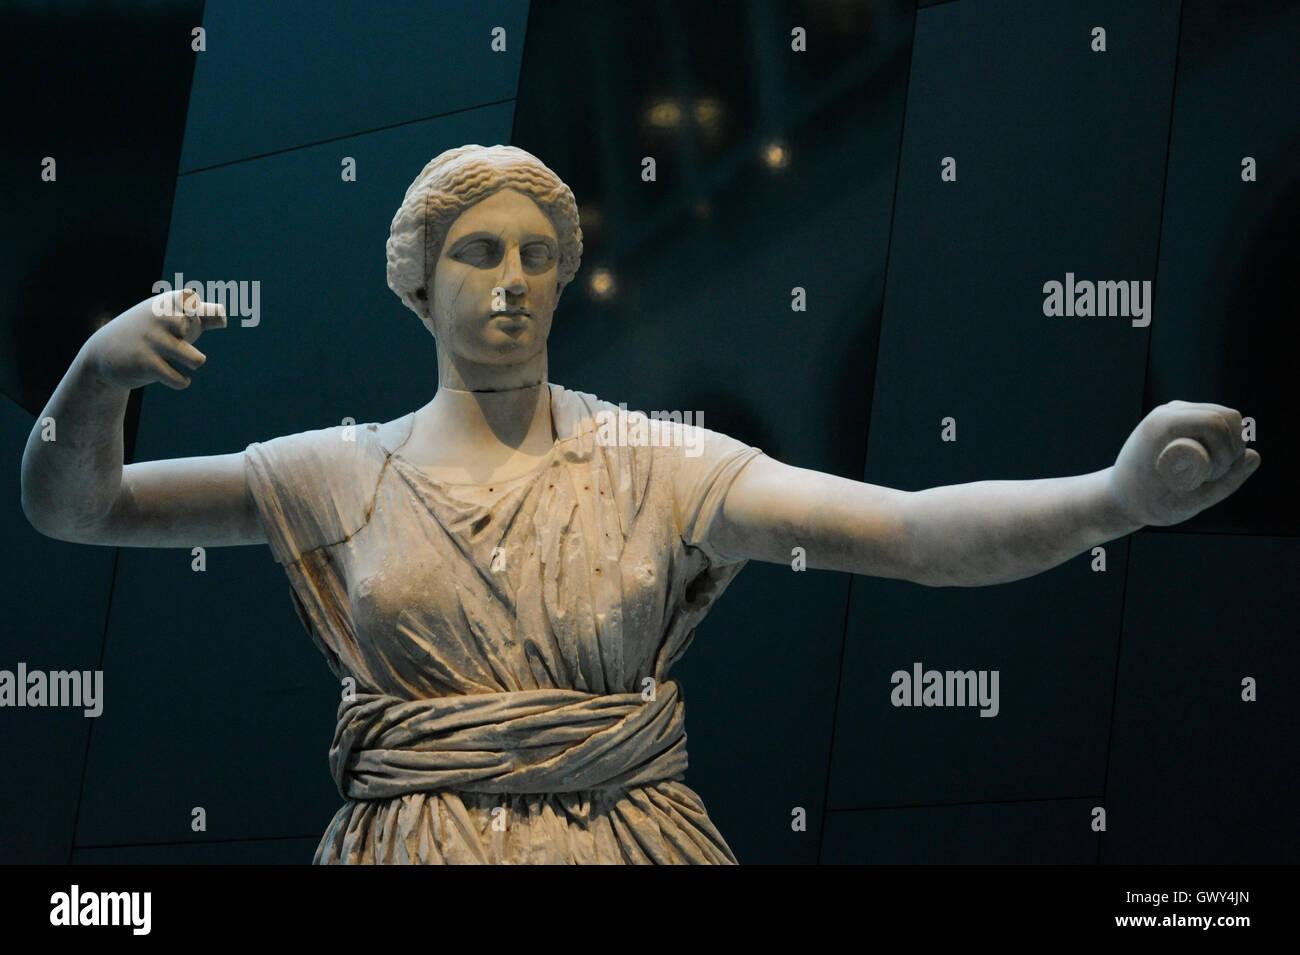 La estatua de la Diosa Artemis en la acción de disparar su arco. Detalle. Roman. Mármol. Reconstruido en el siglo Foto de stock